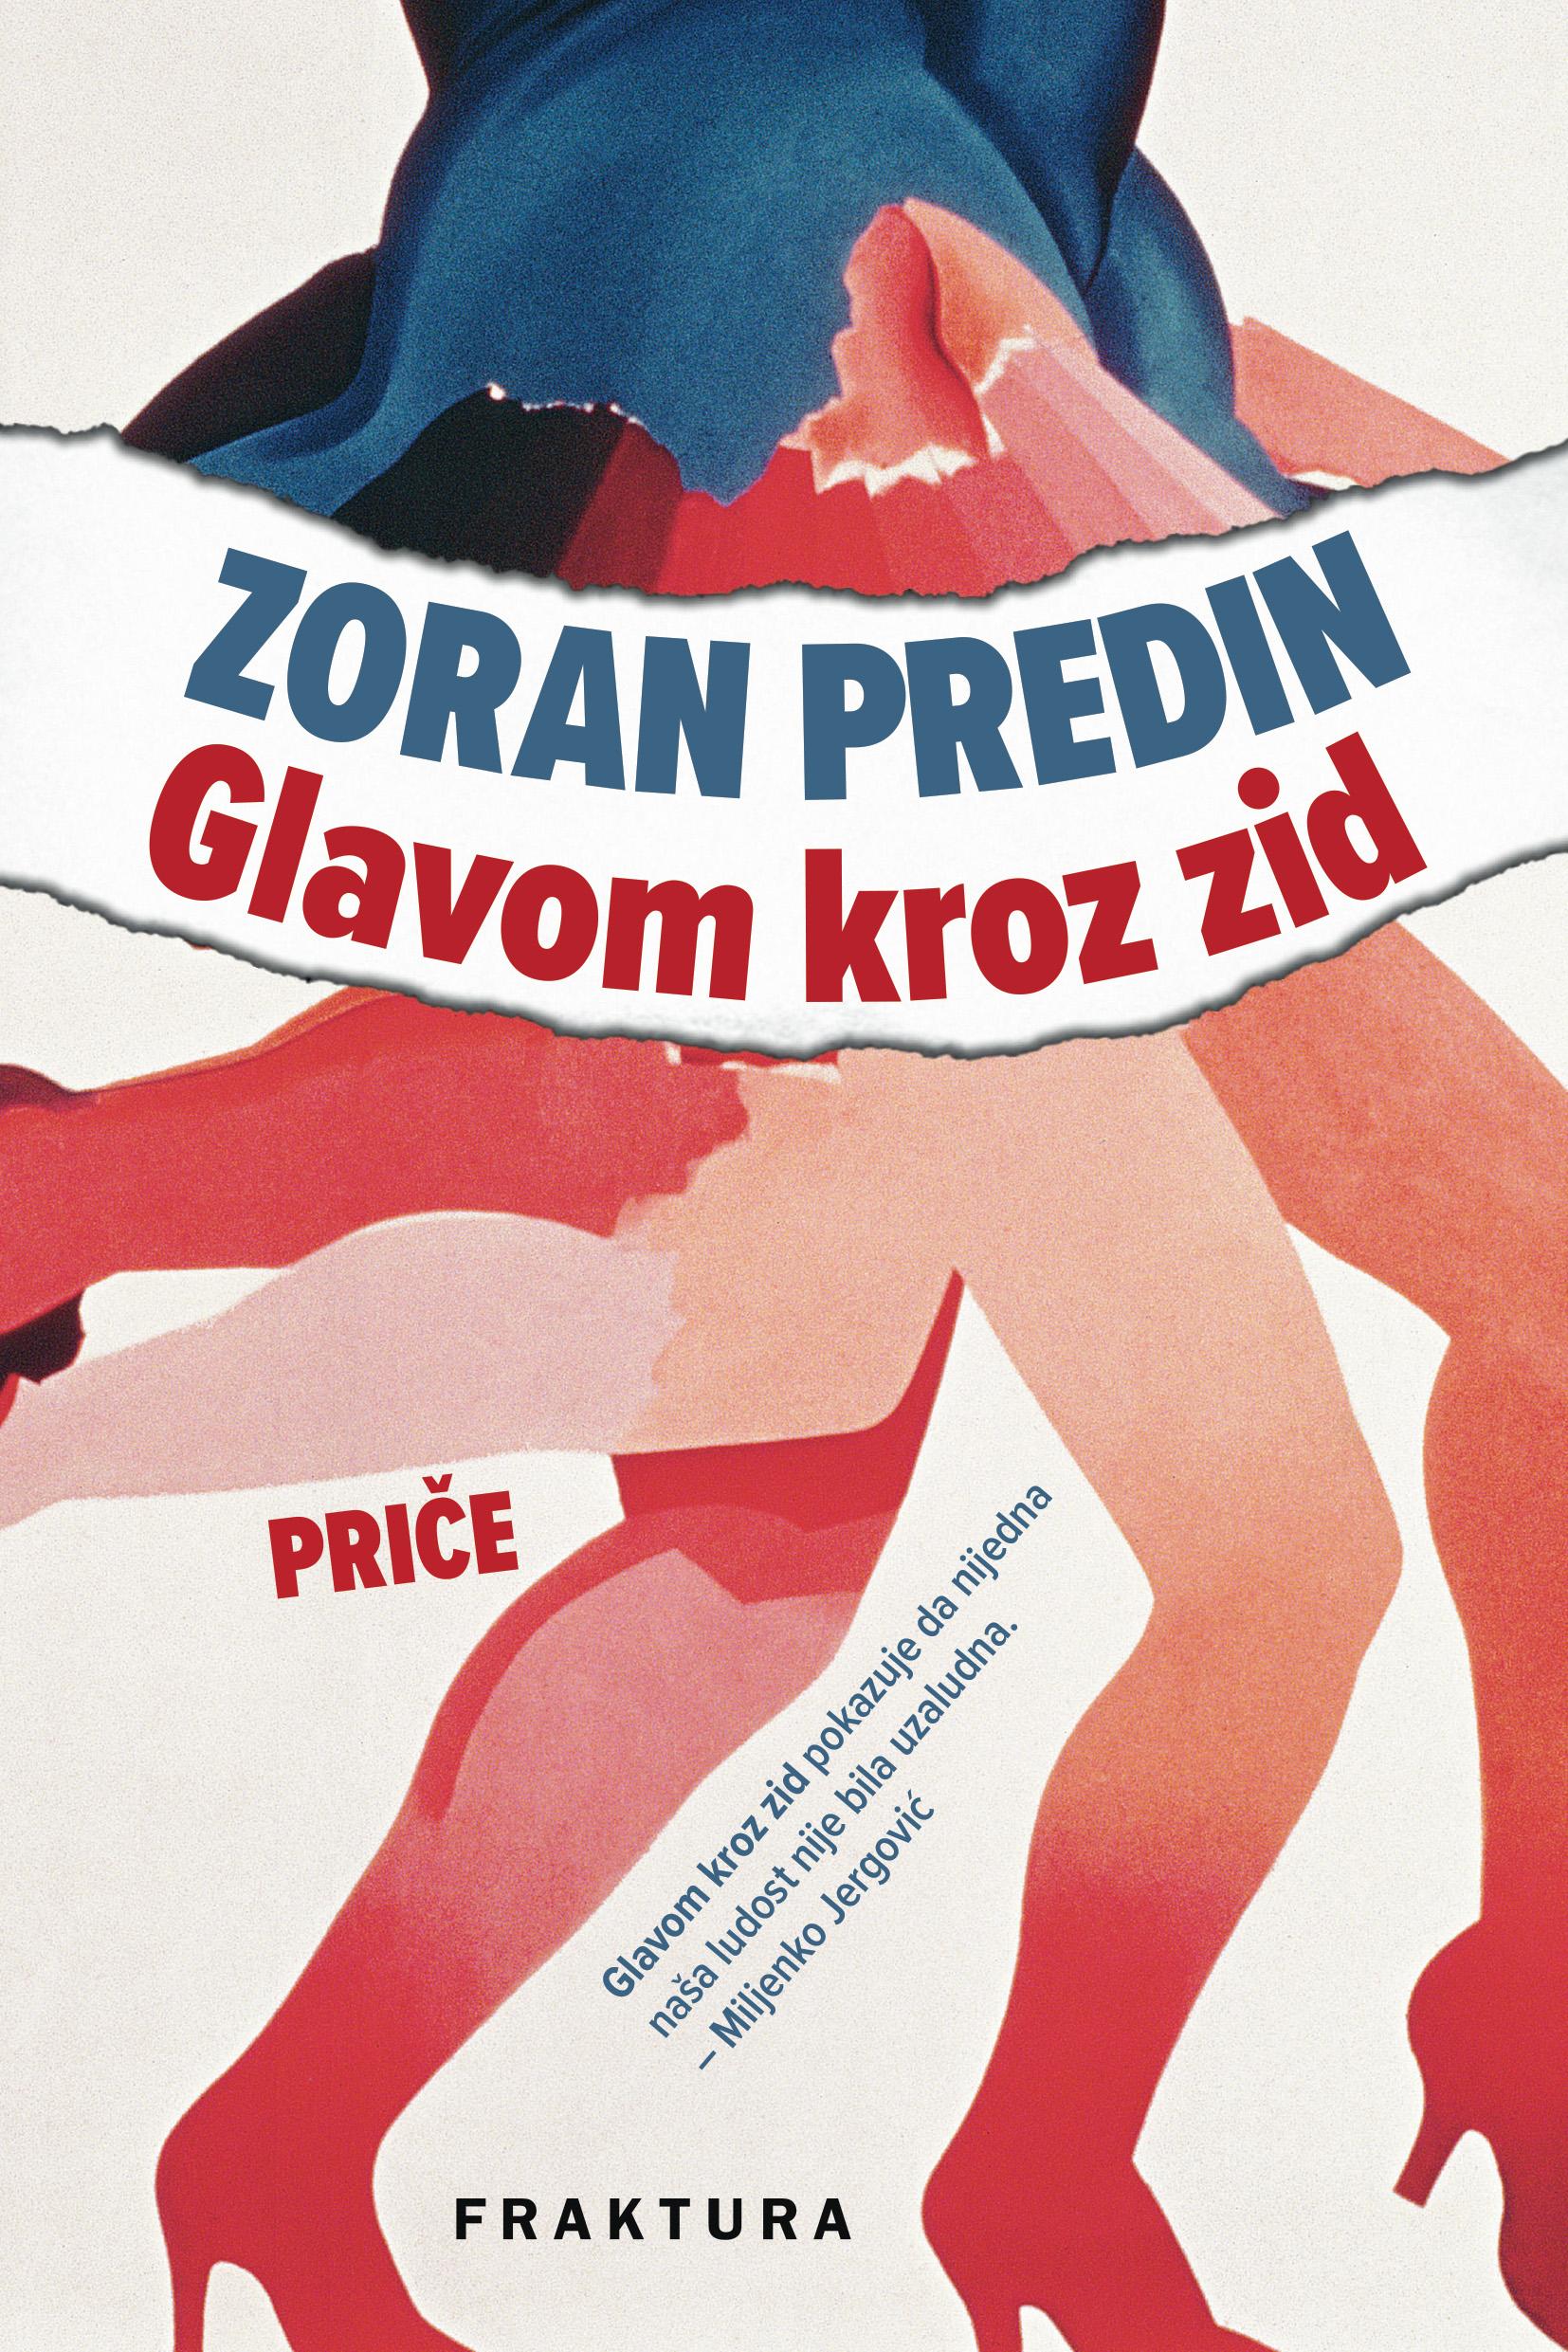 Tribina Razotkrivanje sa Zoranom Predinom